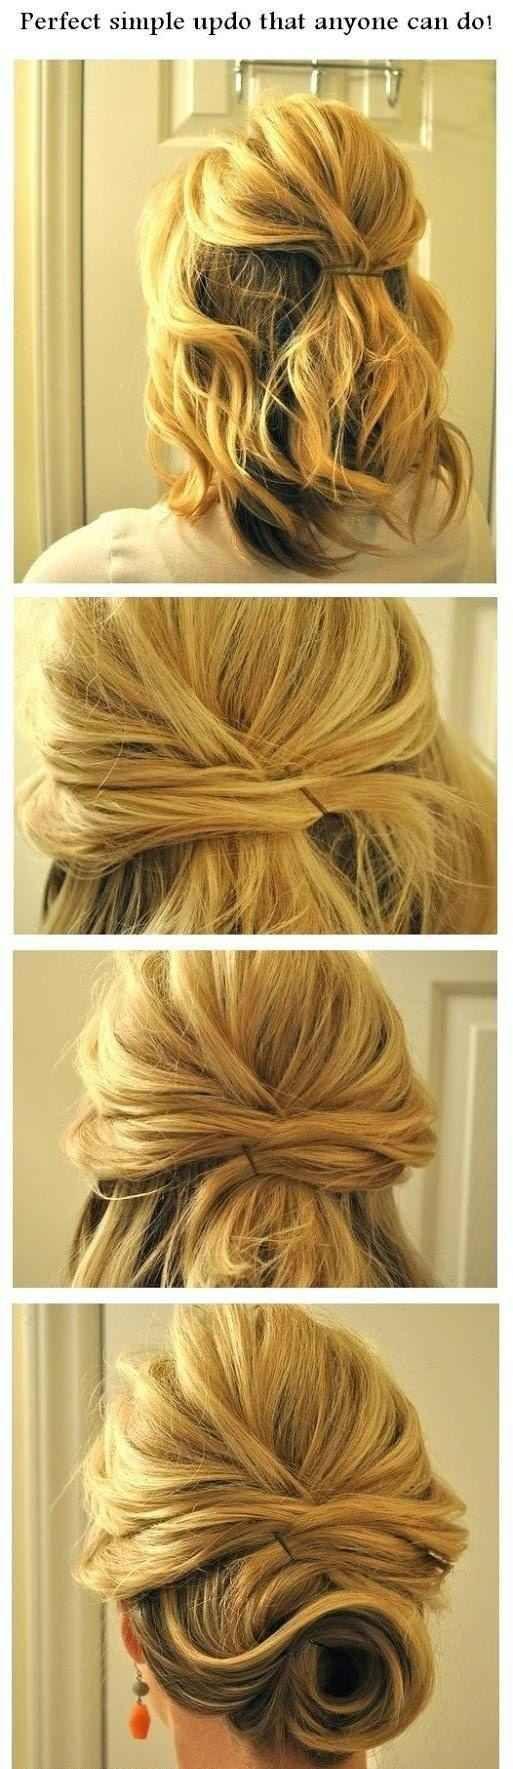 Wenn Du kurzes Haar hast, kannst Du auch Strähnen übereinander legen, um einen unordentlichen Zopf zu machen.